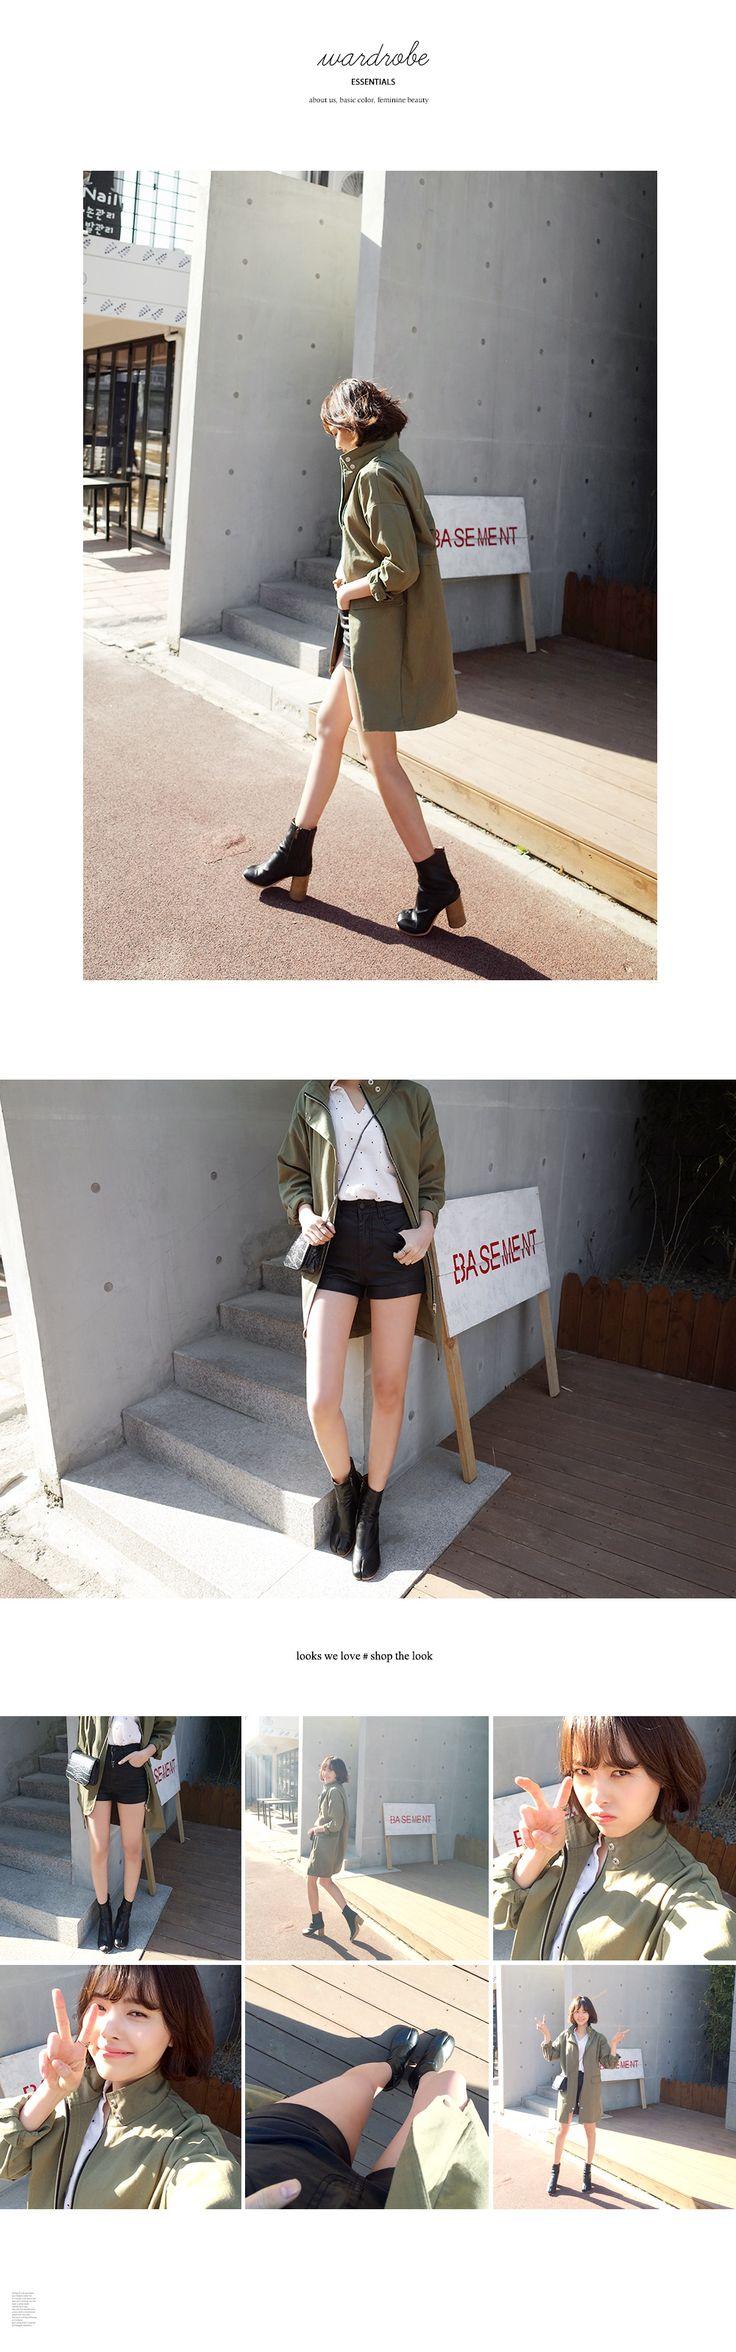 コーティングブラックハイウエストショートパンツ・全1色パンツ・ズボンショートパンツ|レディースファッション通販 DHOLICディーホリック [ファストファッション 水着 ワンピース]